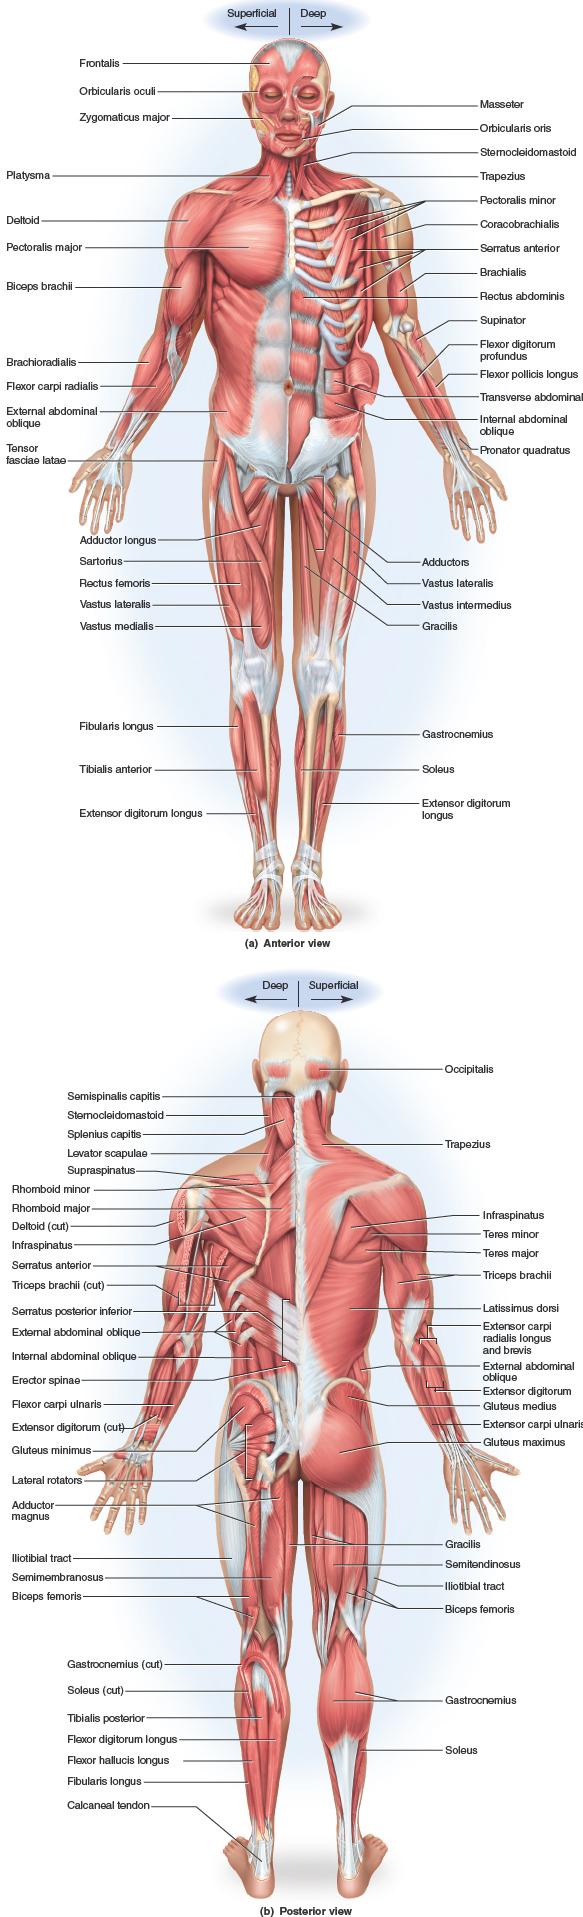 Pin by Dan Garza on Drawing: Human anatomy study | Pinterest ...